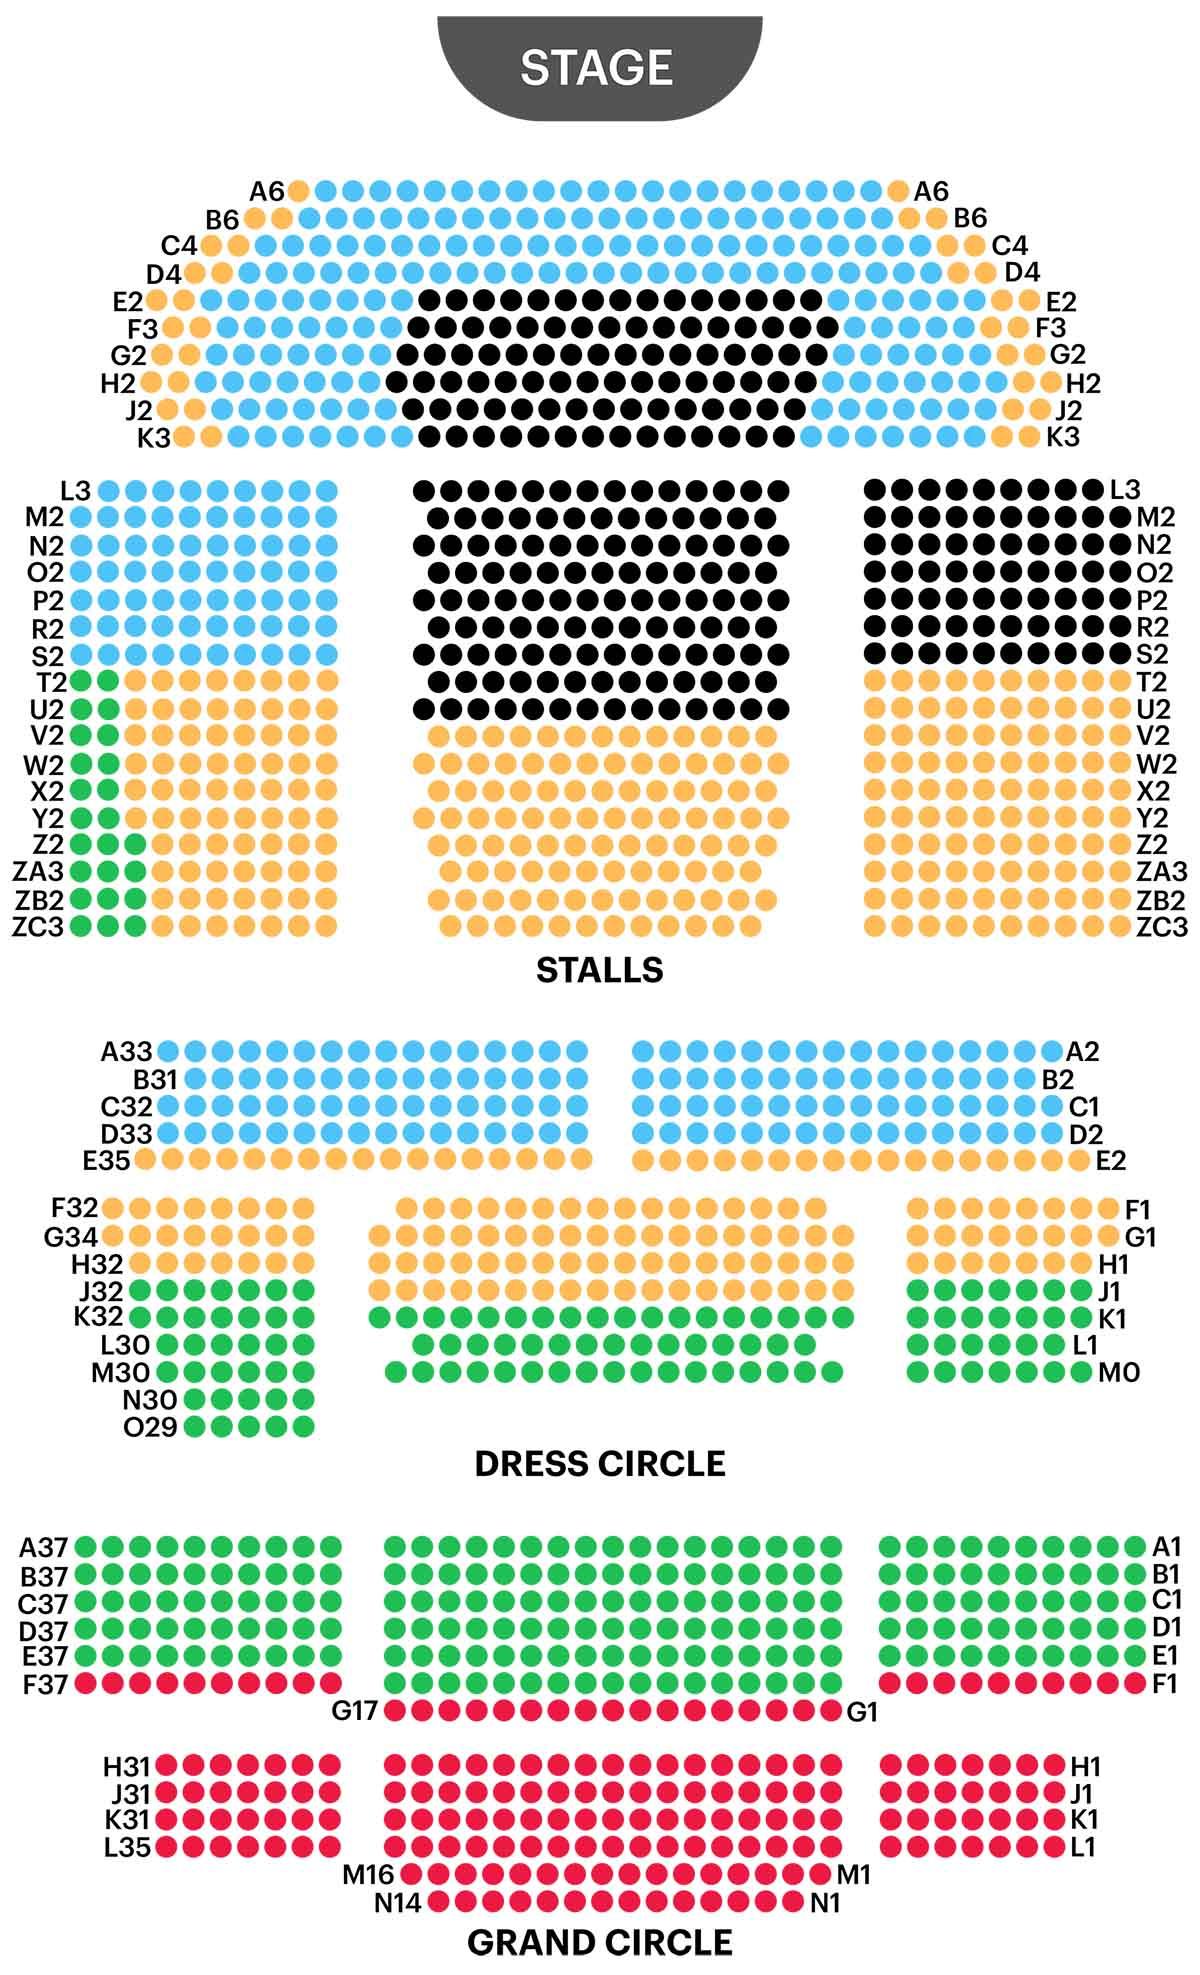 Asientos para Aladdin en el Prince Edward Theatre